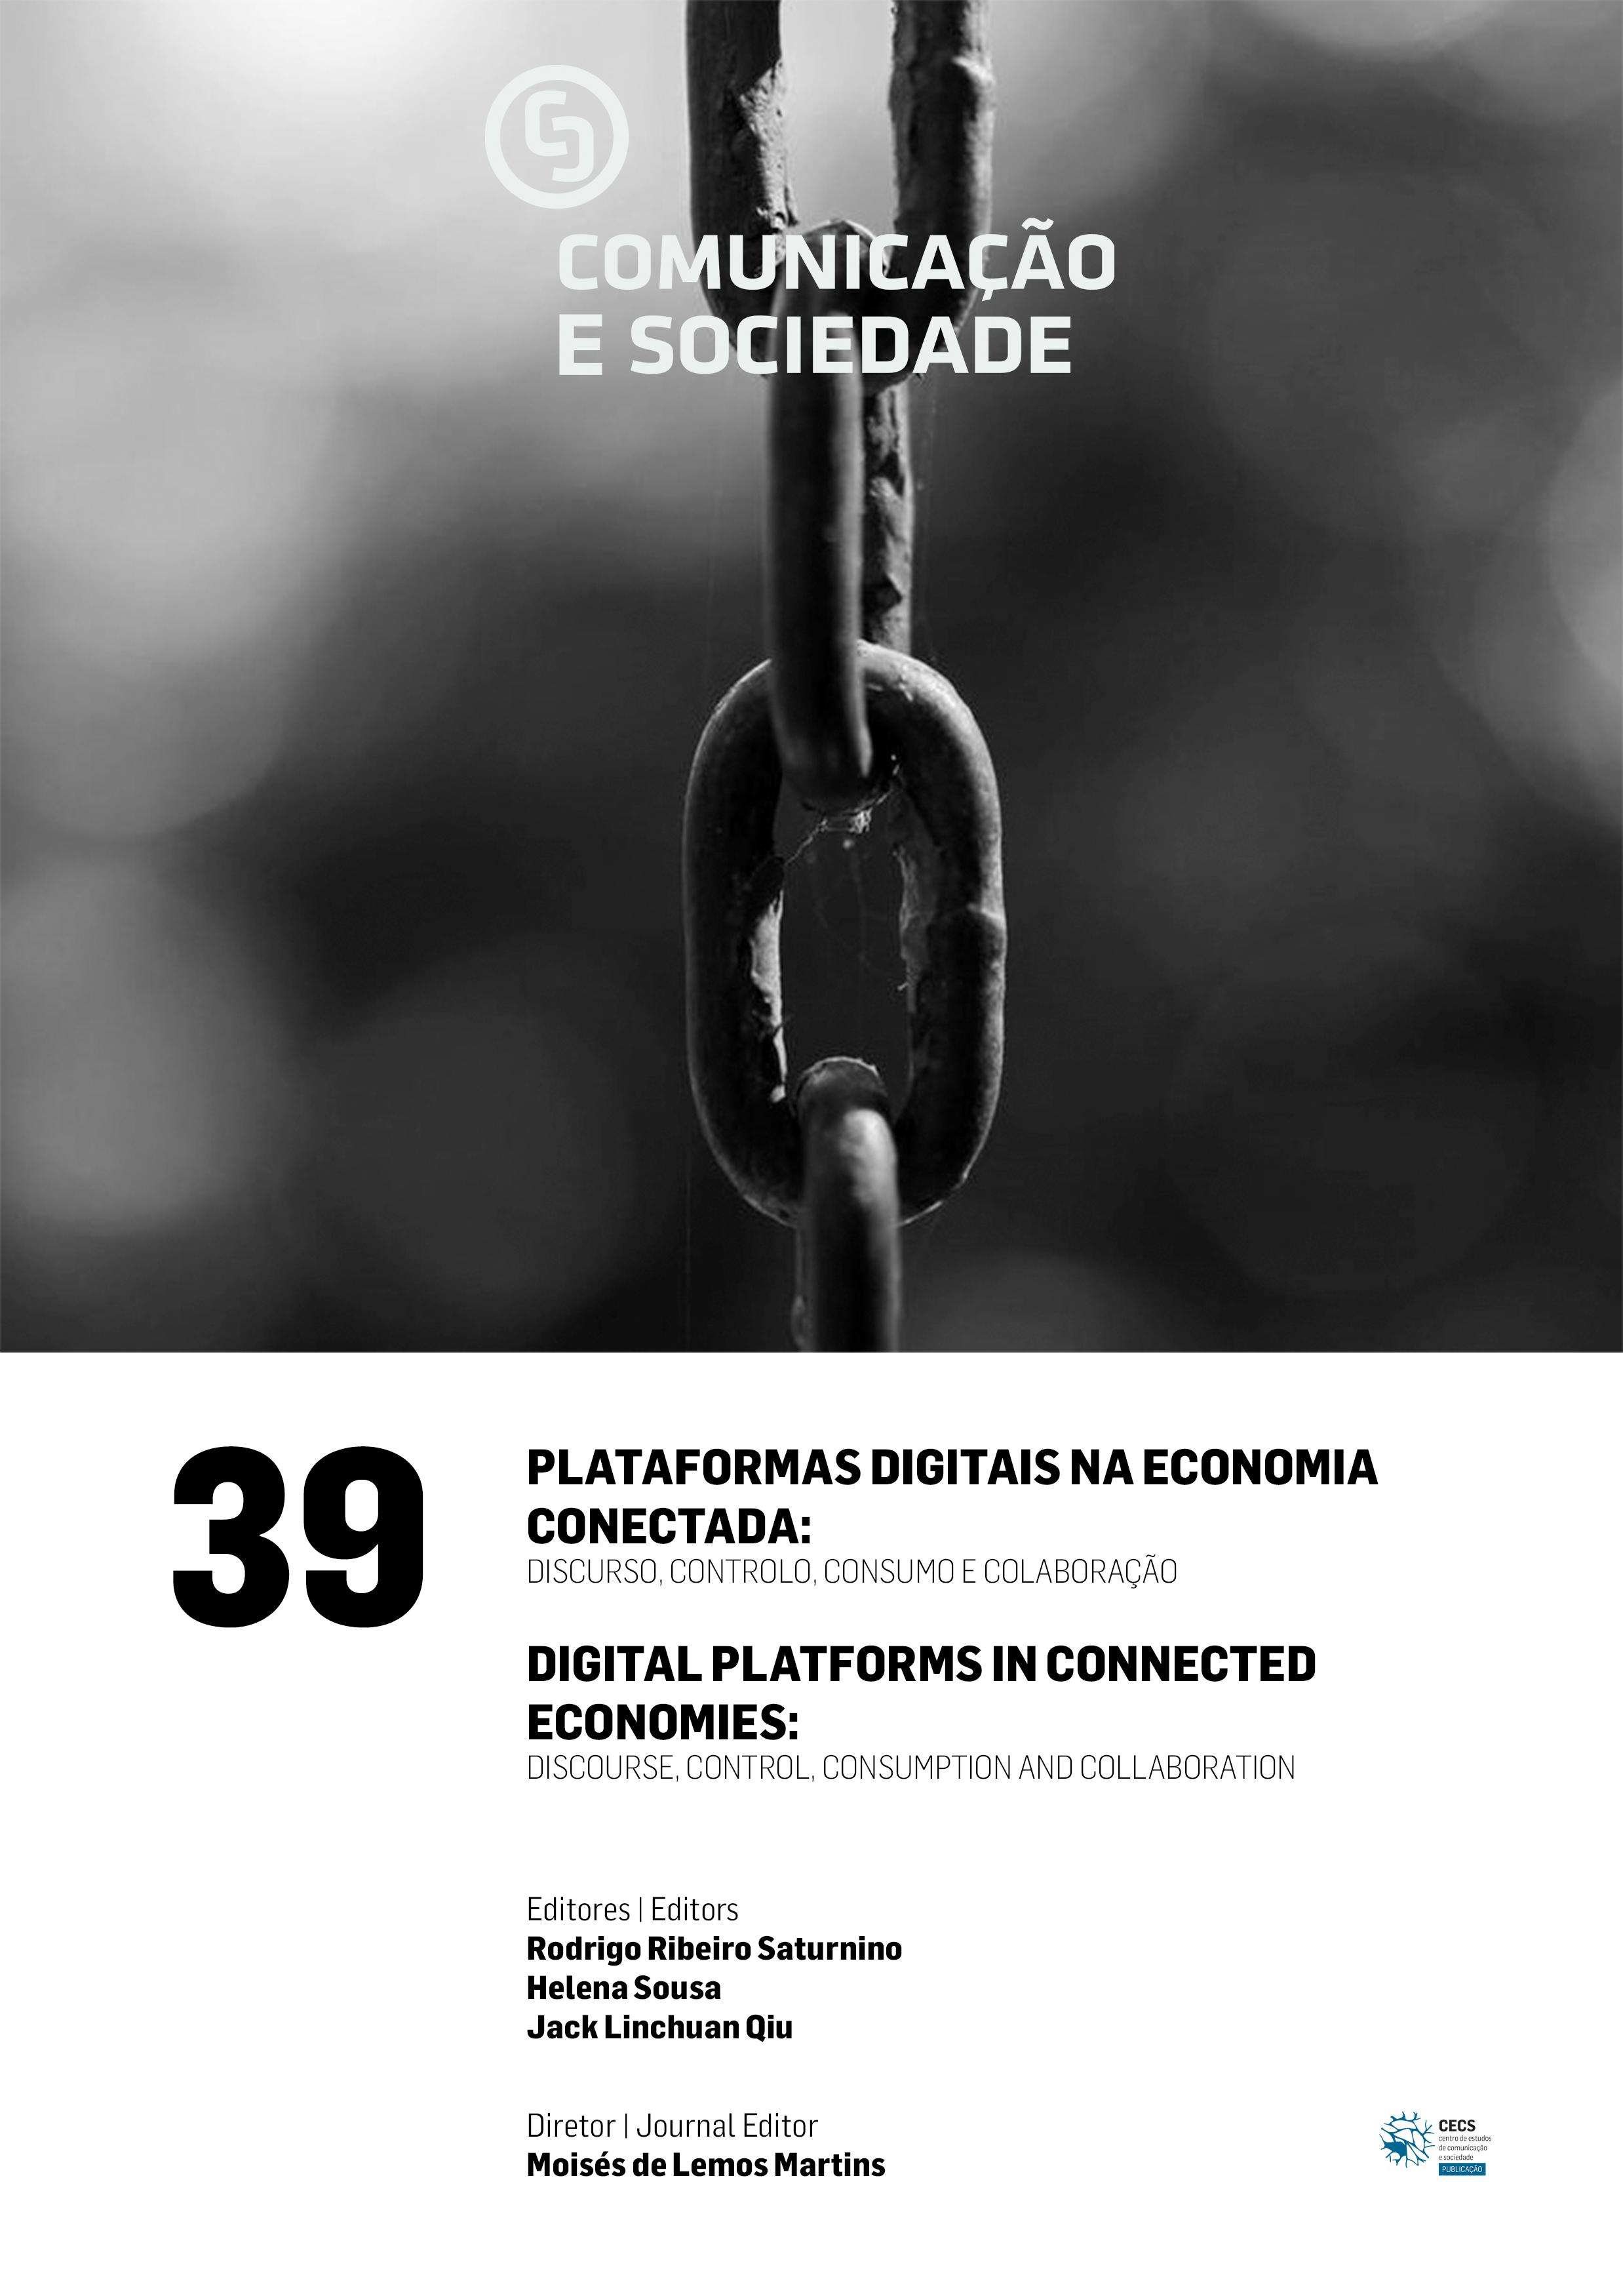 """Disponível nova Comunicação e Sociedade dedicada ao tema """"Plataformas Digitais na Economia Conectada: Discurso, Controlo, Consumo e Colaboração"""""""